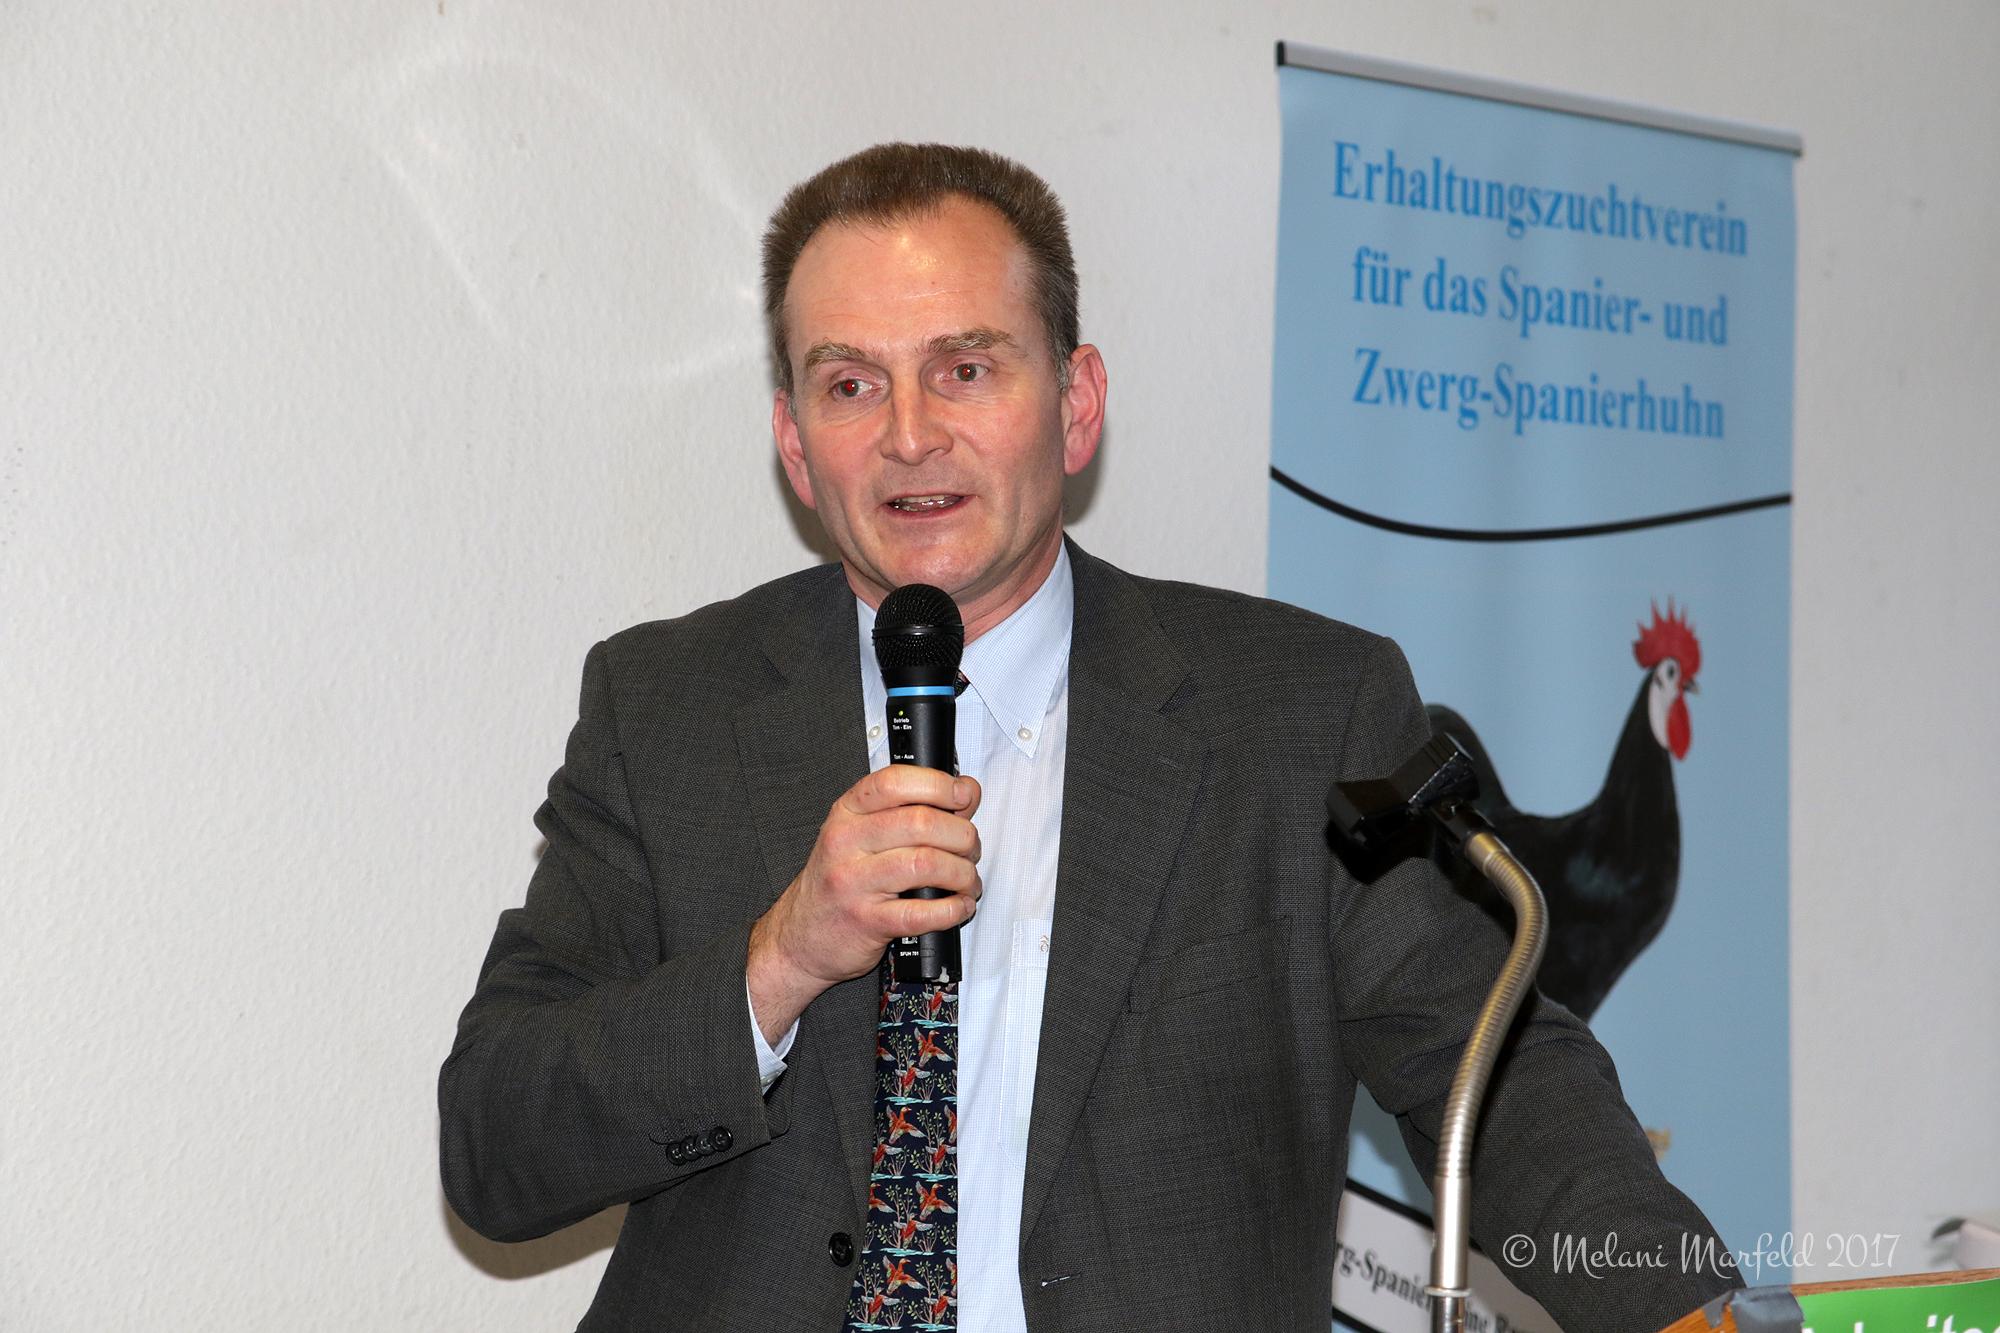 Dr. med. vet. Markus Nieters